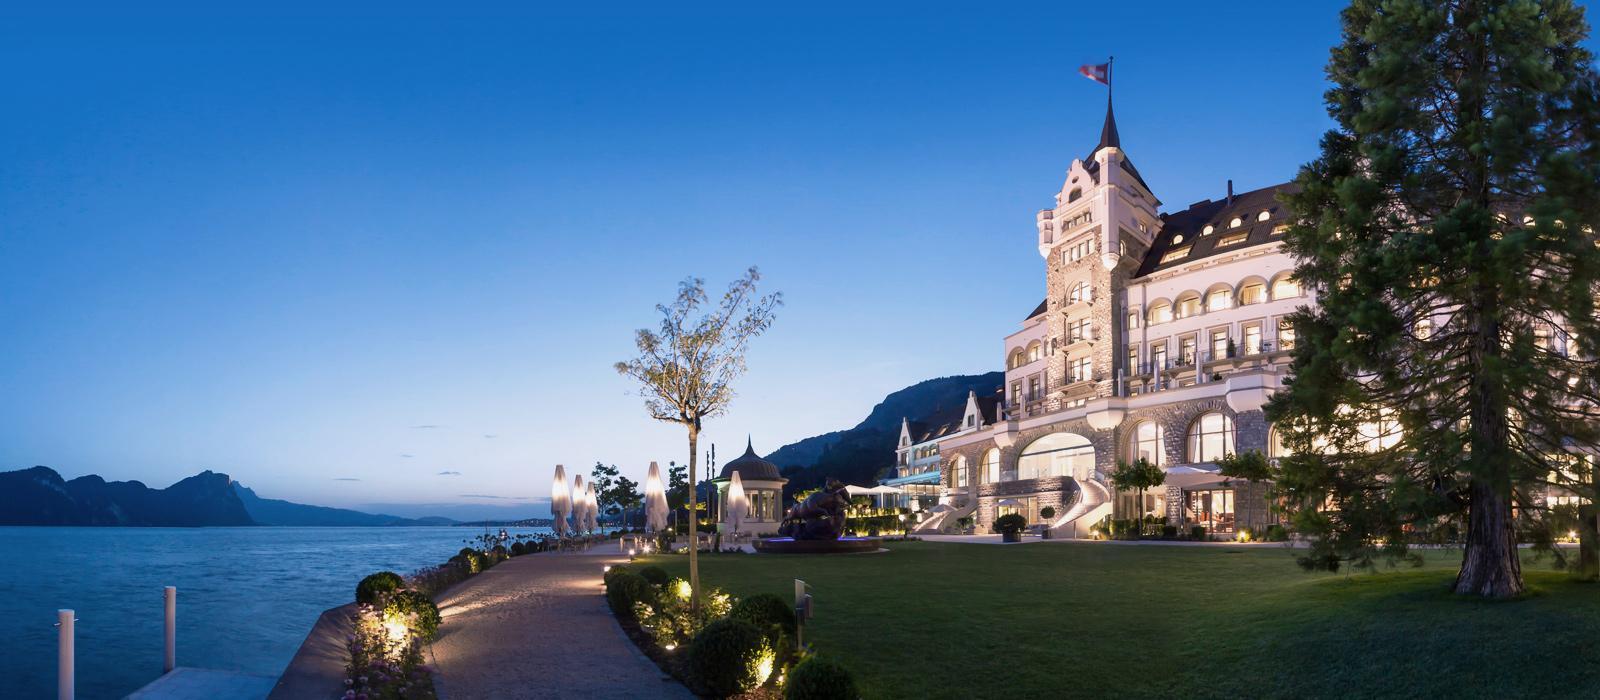 菲茨瑙公园酒店(Park Hotel Vitznau)【 菲茨瑙,瑞士】 酒店  www.lhw.cn